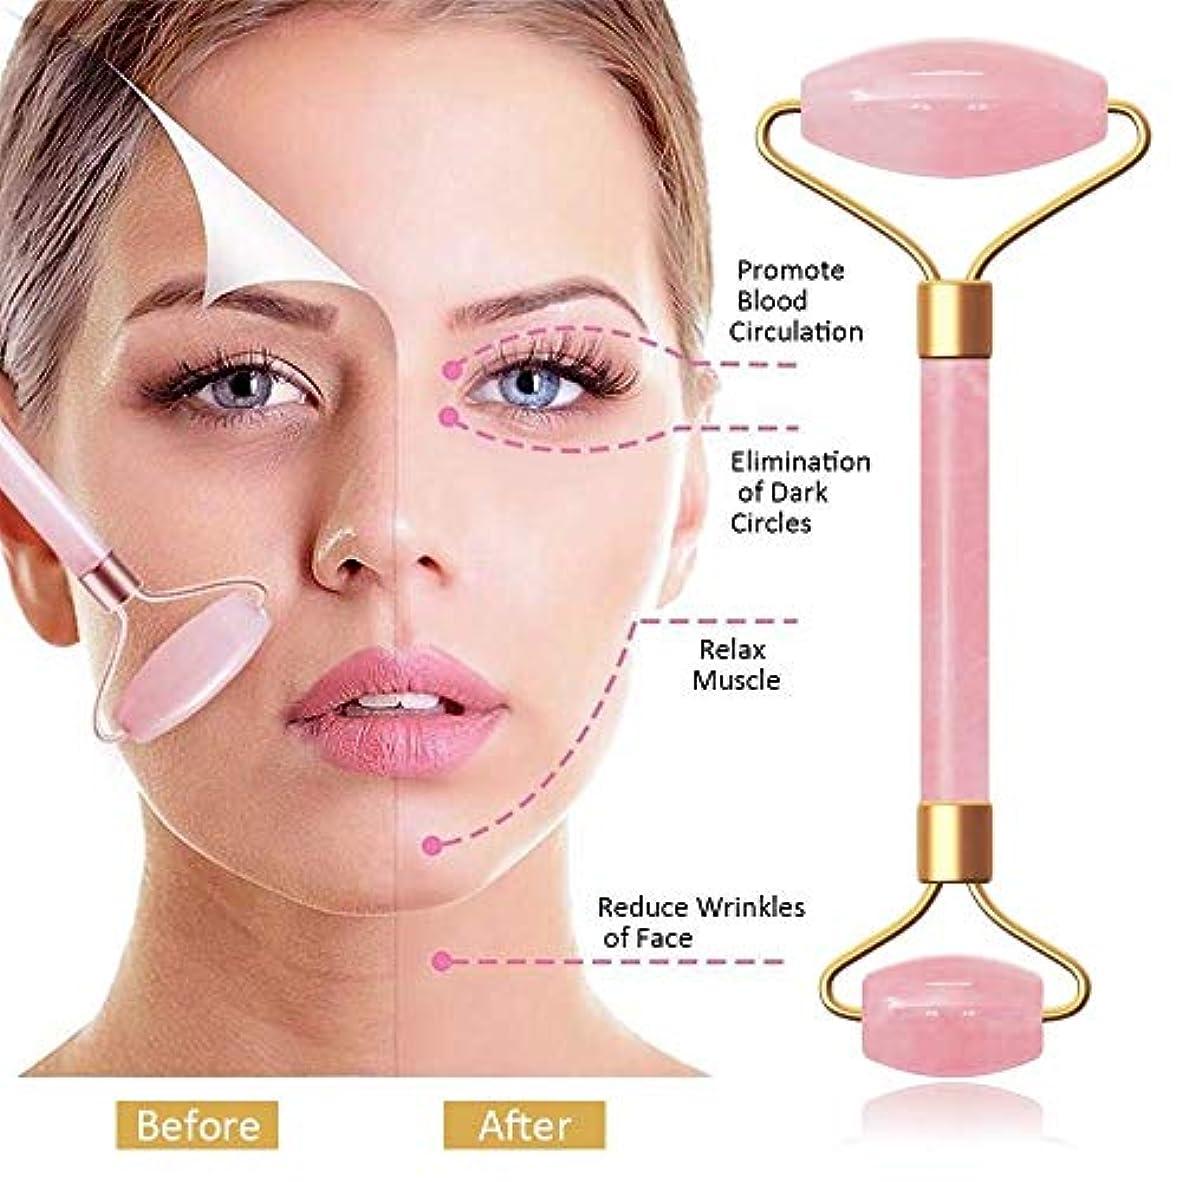 微生物シンプルなキャンセル抜け毛コラーゲンを老化しわのための美容ツールセット - ジェイドローラー - スキンケア、フェイシャルトリートメント、あごひげの成長のための顔マッサージとキット (Color : Pink)